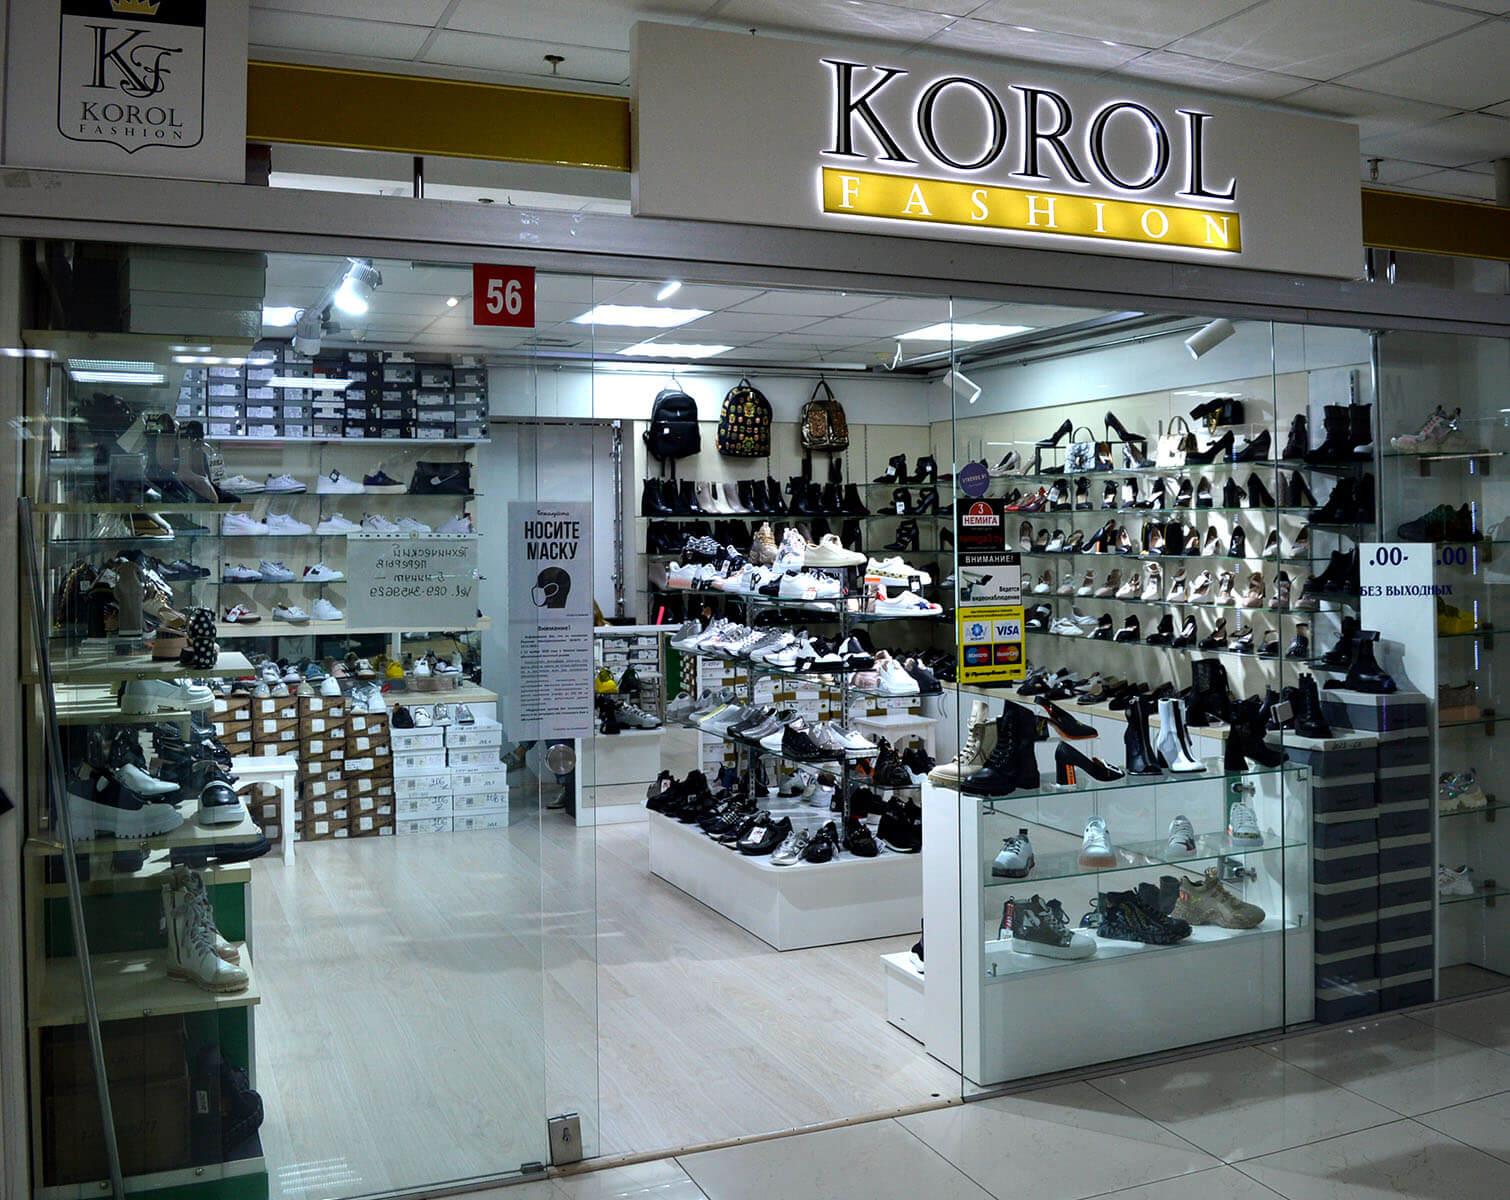 «KOROL fashion» - магазин женской обуви, сумок, одежды